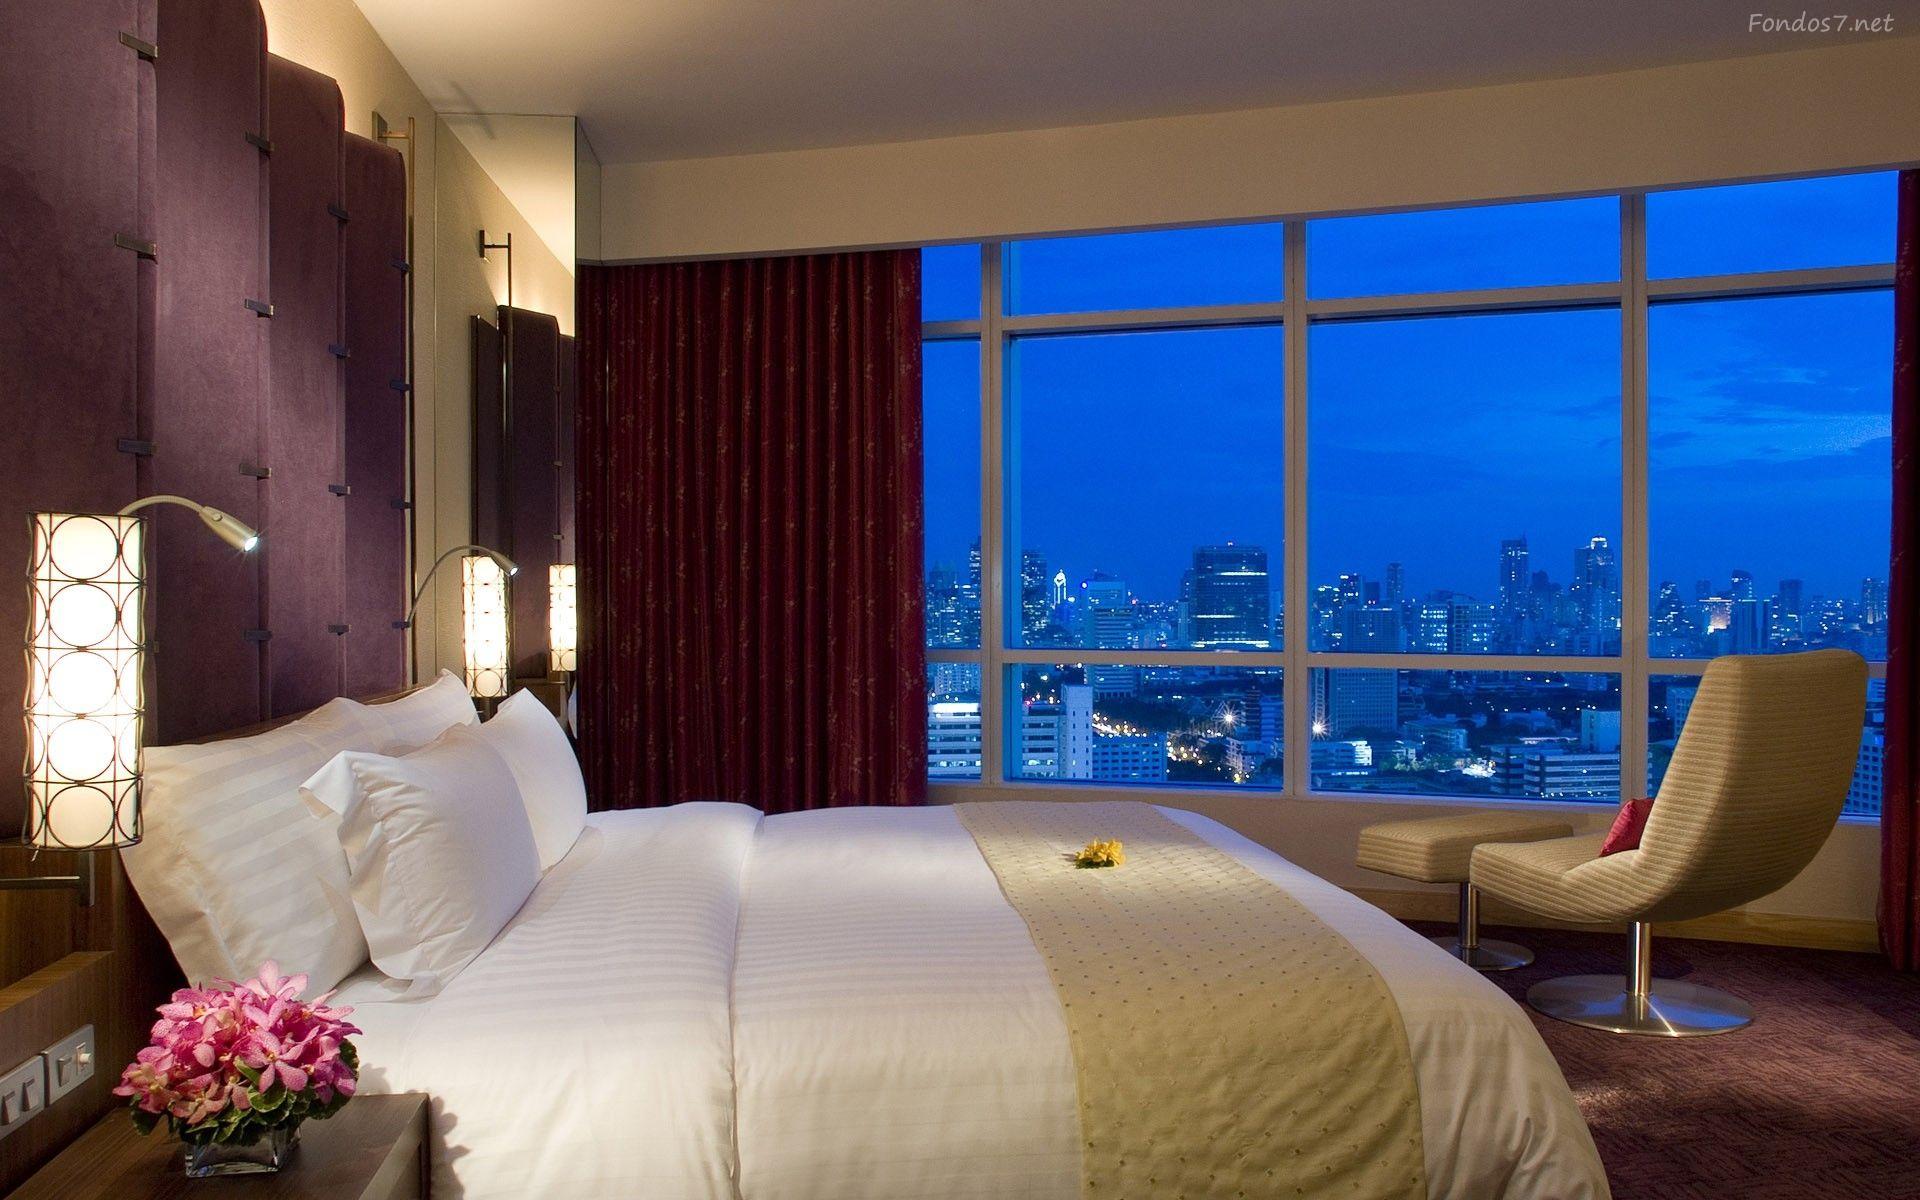 Habitaciones lujosas dormitorios habitaciones modernas for Habitaciones matrimoniales modernas